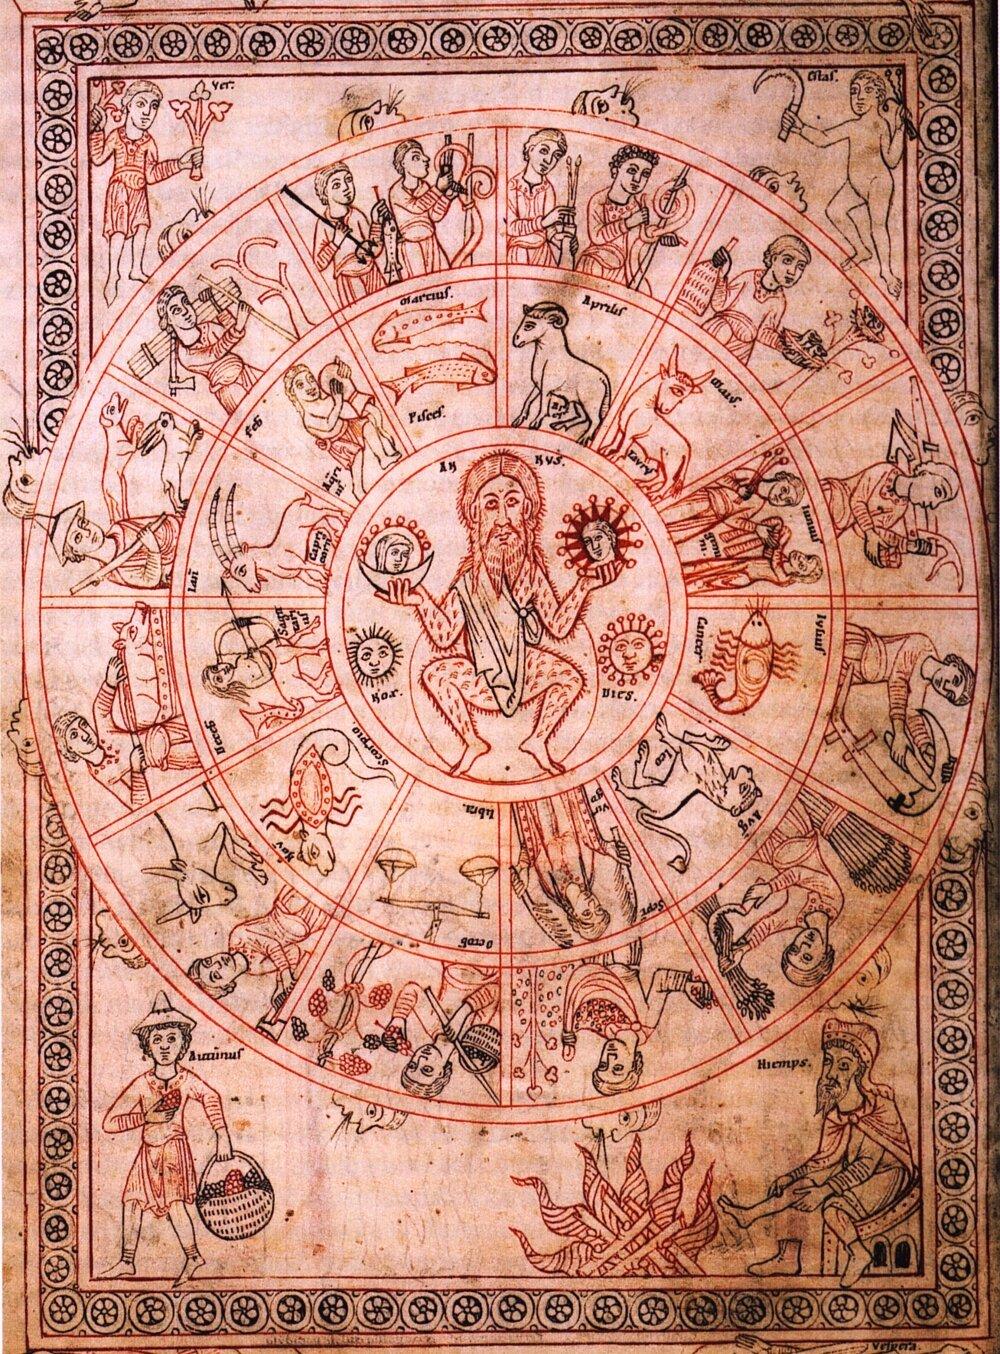 Kalendarz zZwiefalten, XII wiek Źródło: Kalendarz zZwiefalten, XII wiek, licencja: CC 0.